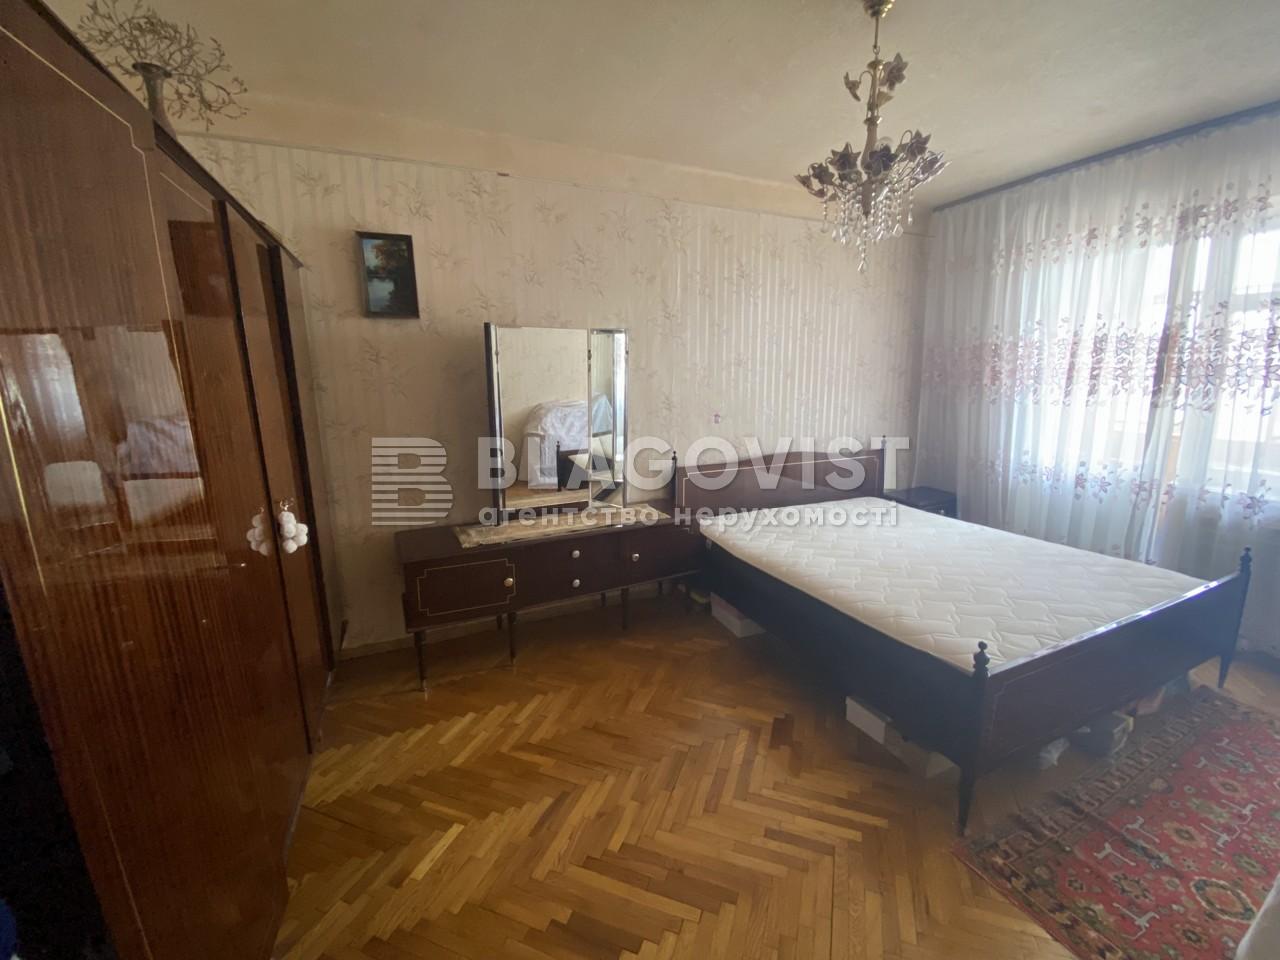 Квартира R-39878, Щербаковского Даниила (Щербакова), 49д, Киев - Фото 6